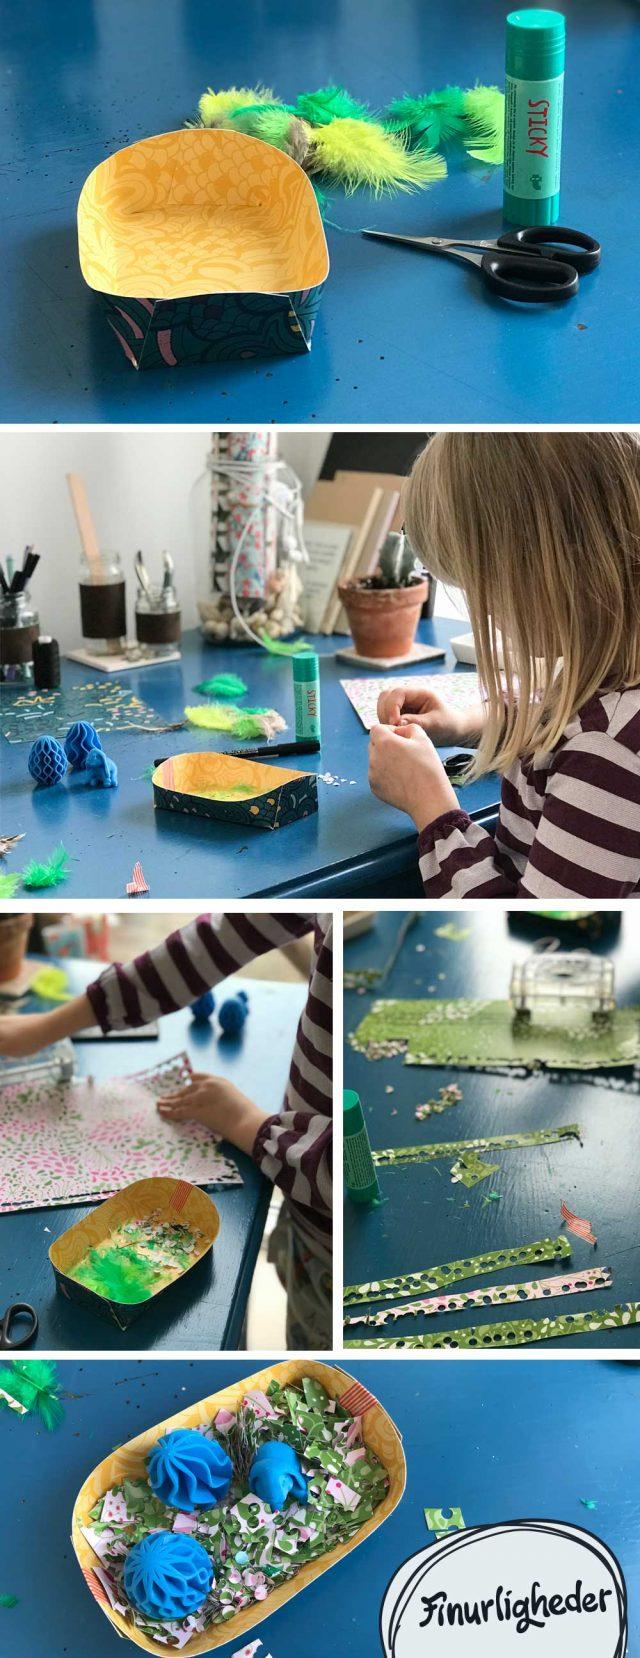 Sæt gang i børnenes kreativitet